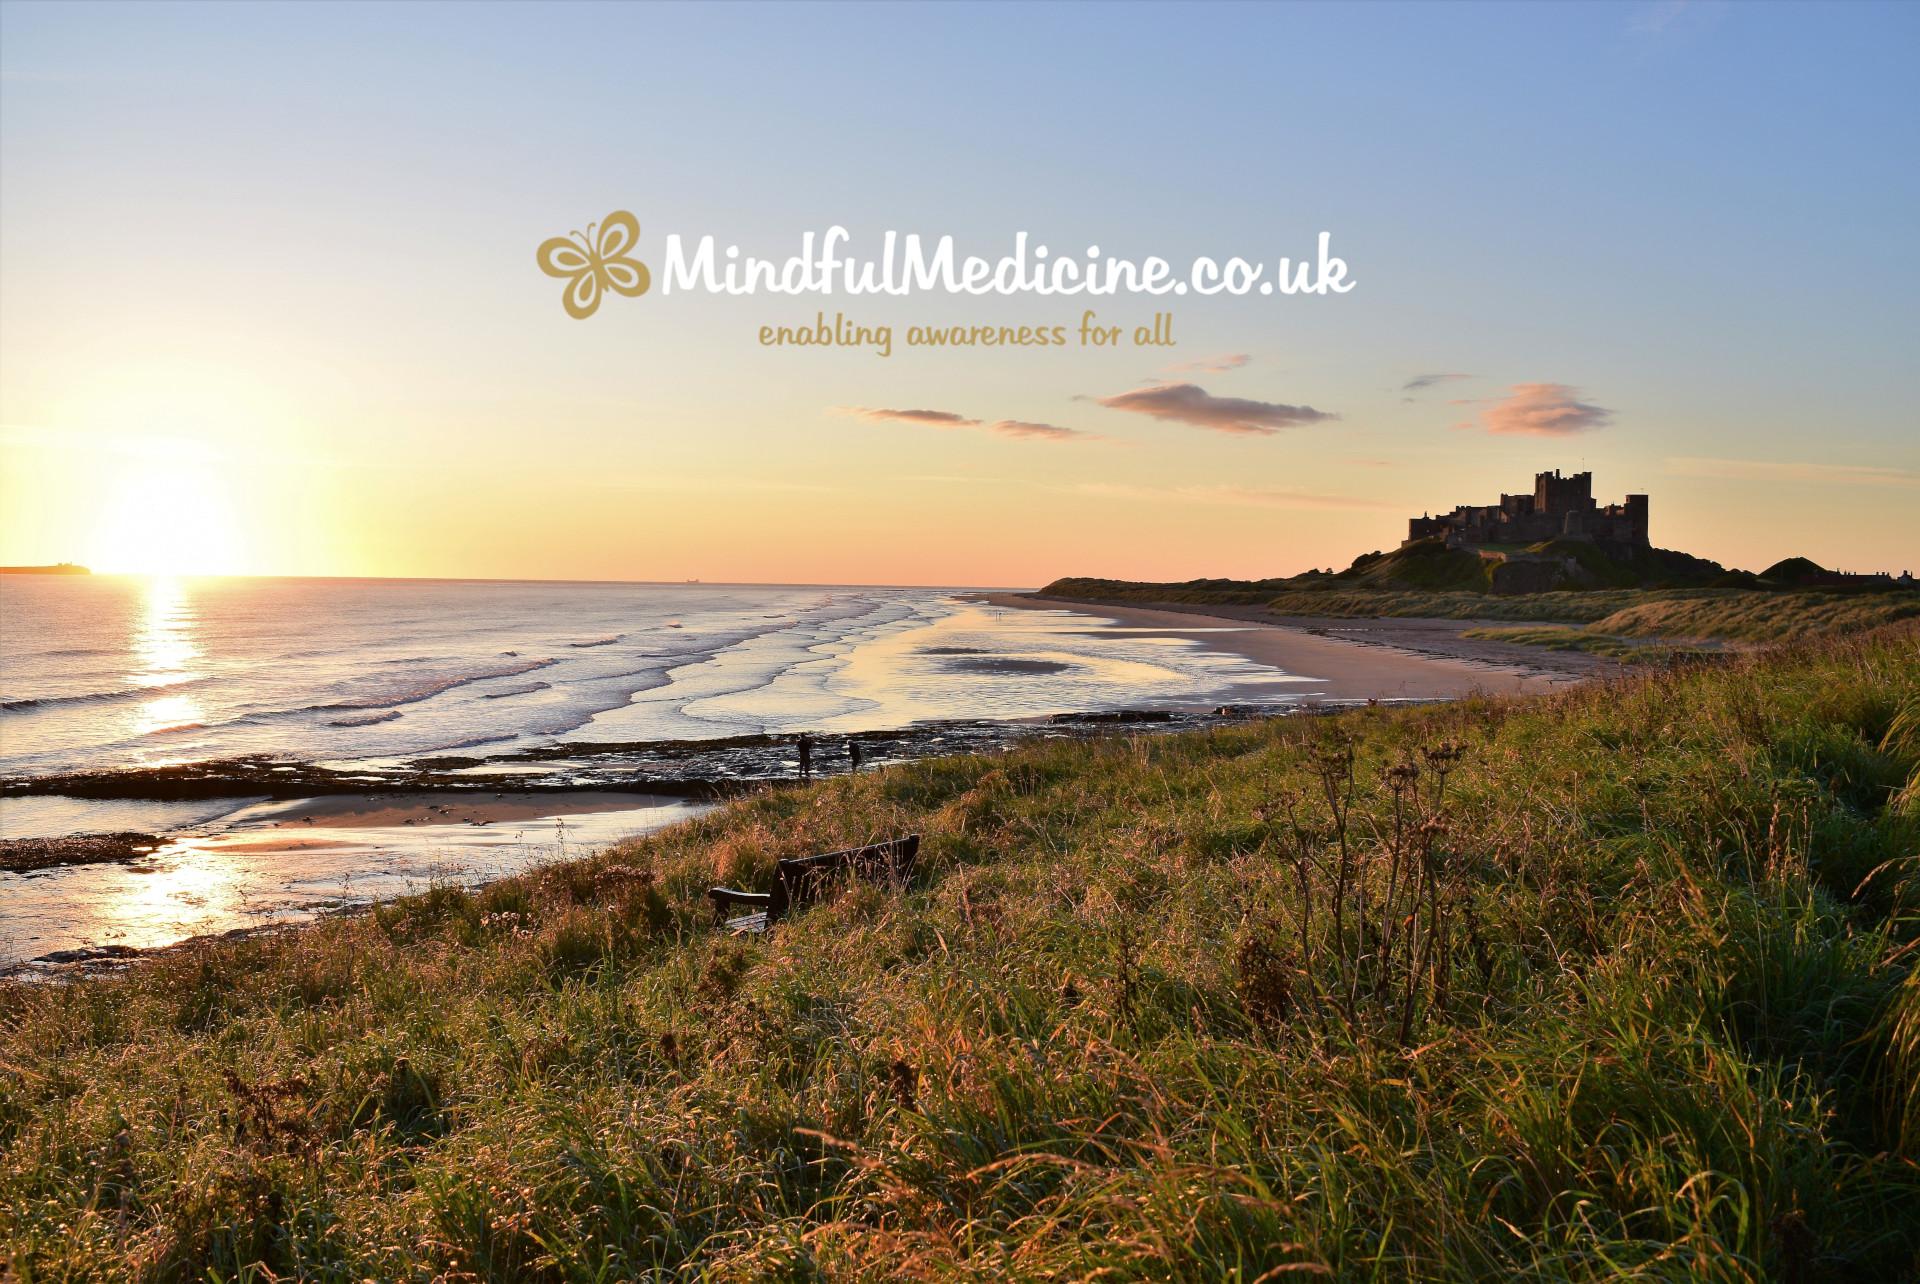 Mindful Medicine